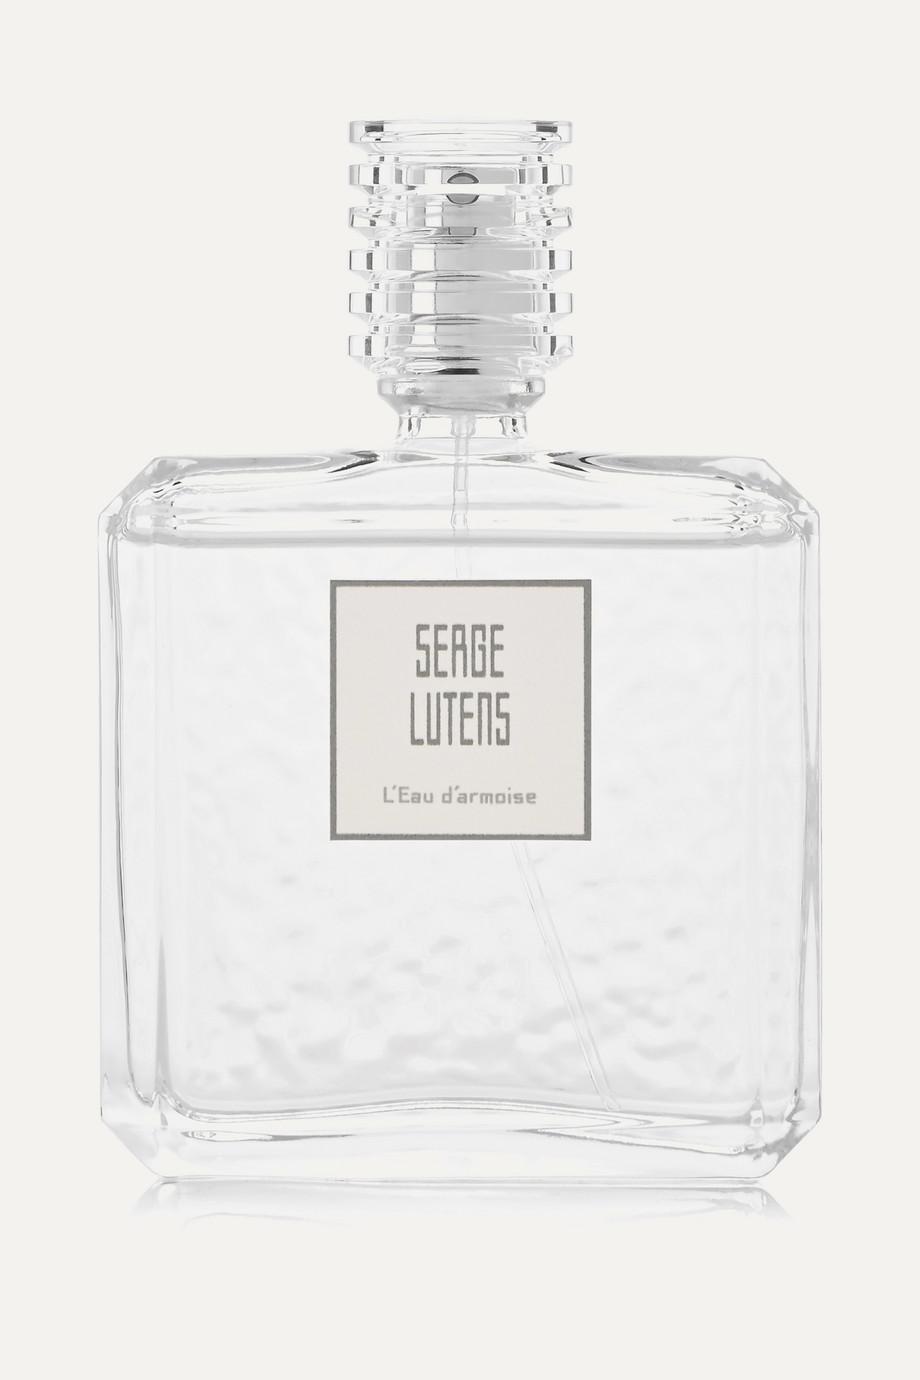 Serge Lutens Eau de Parfum - L'Eau d'Armoise, 100ml